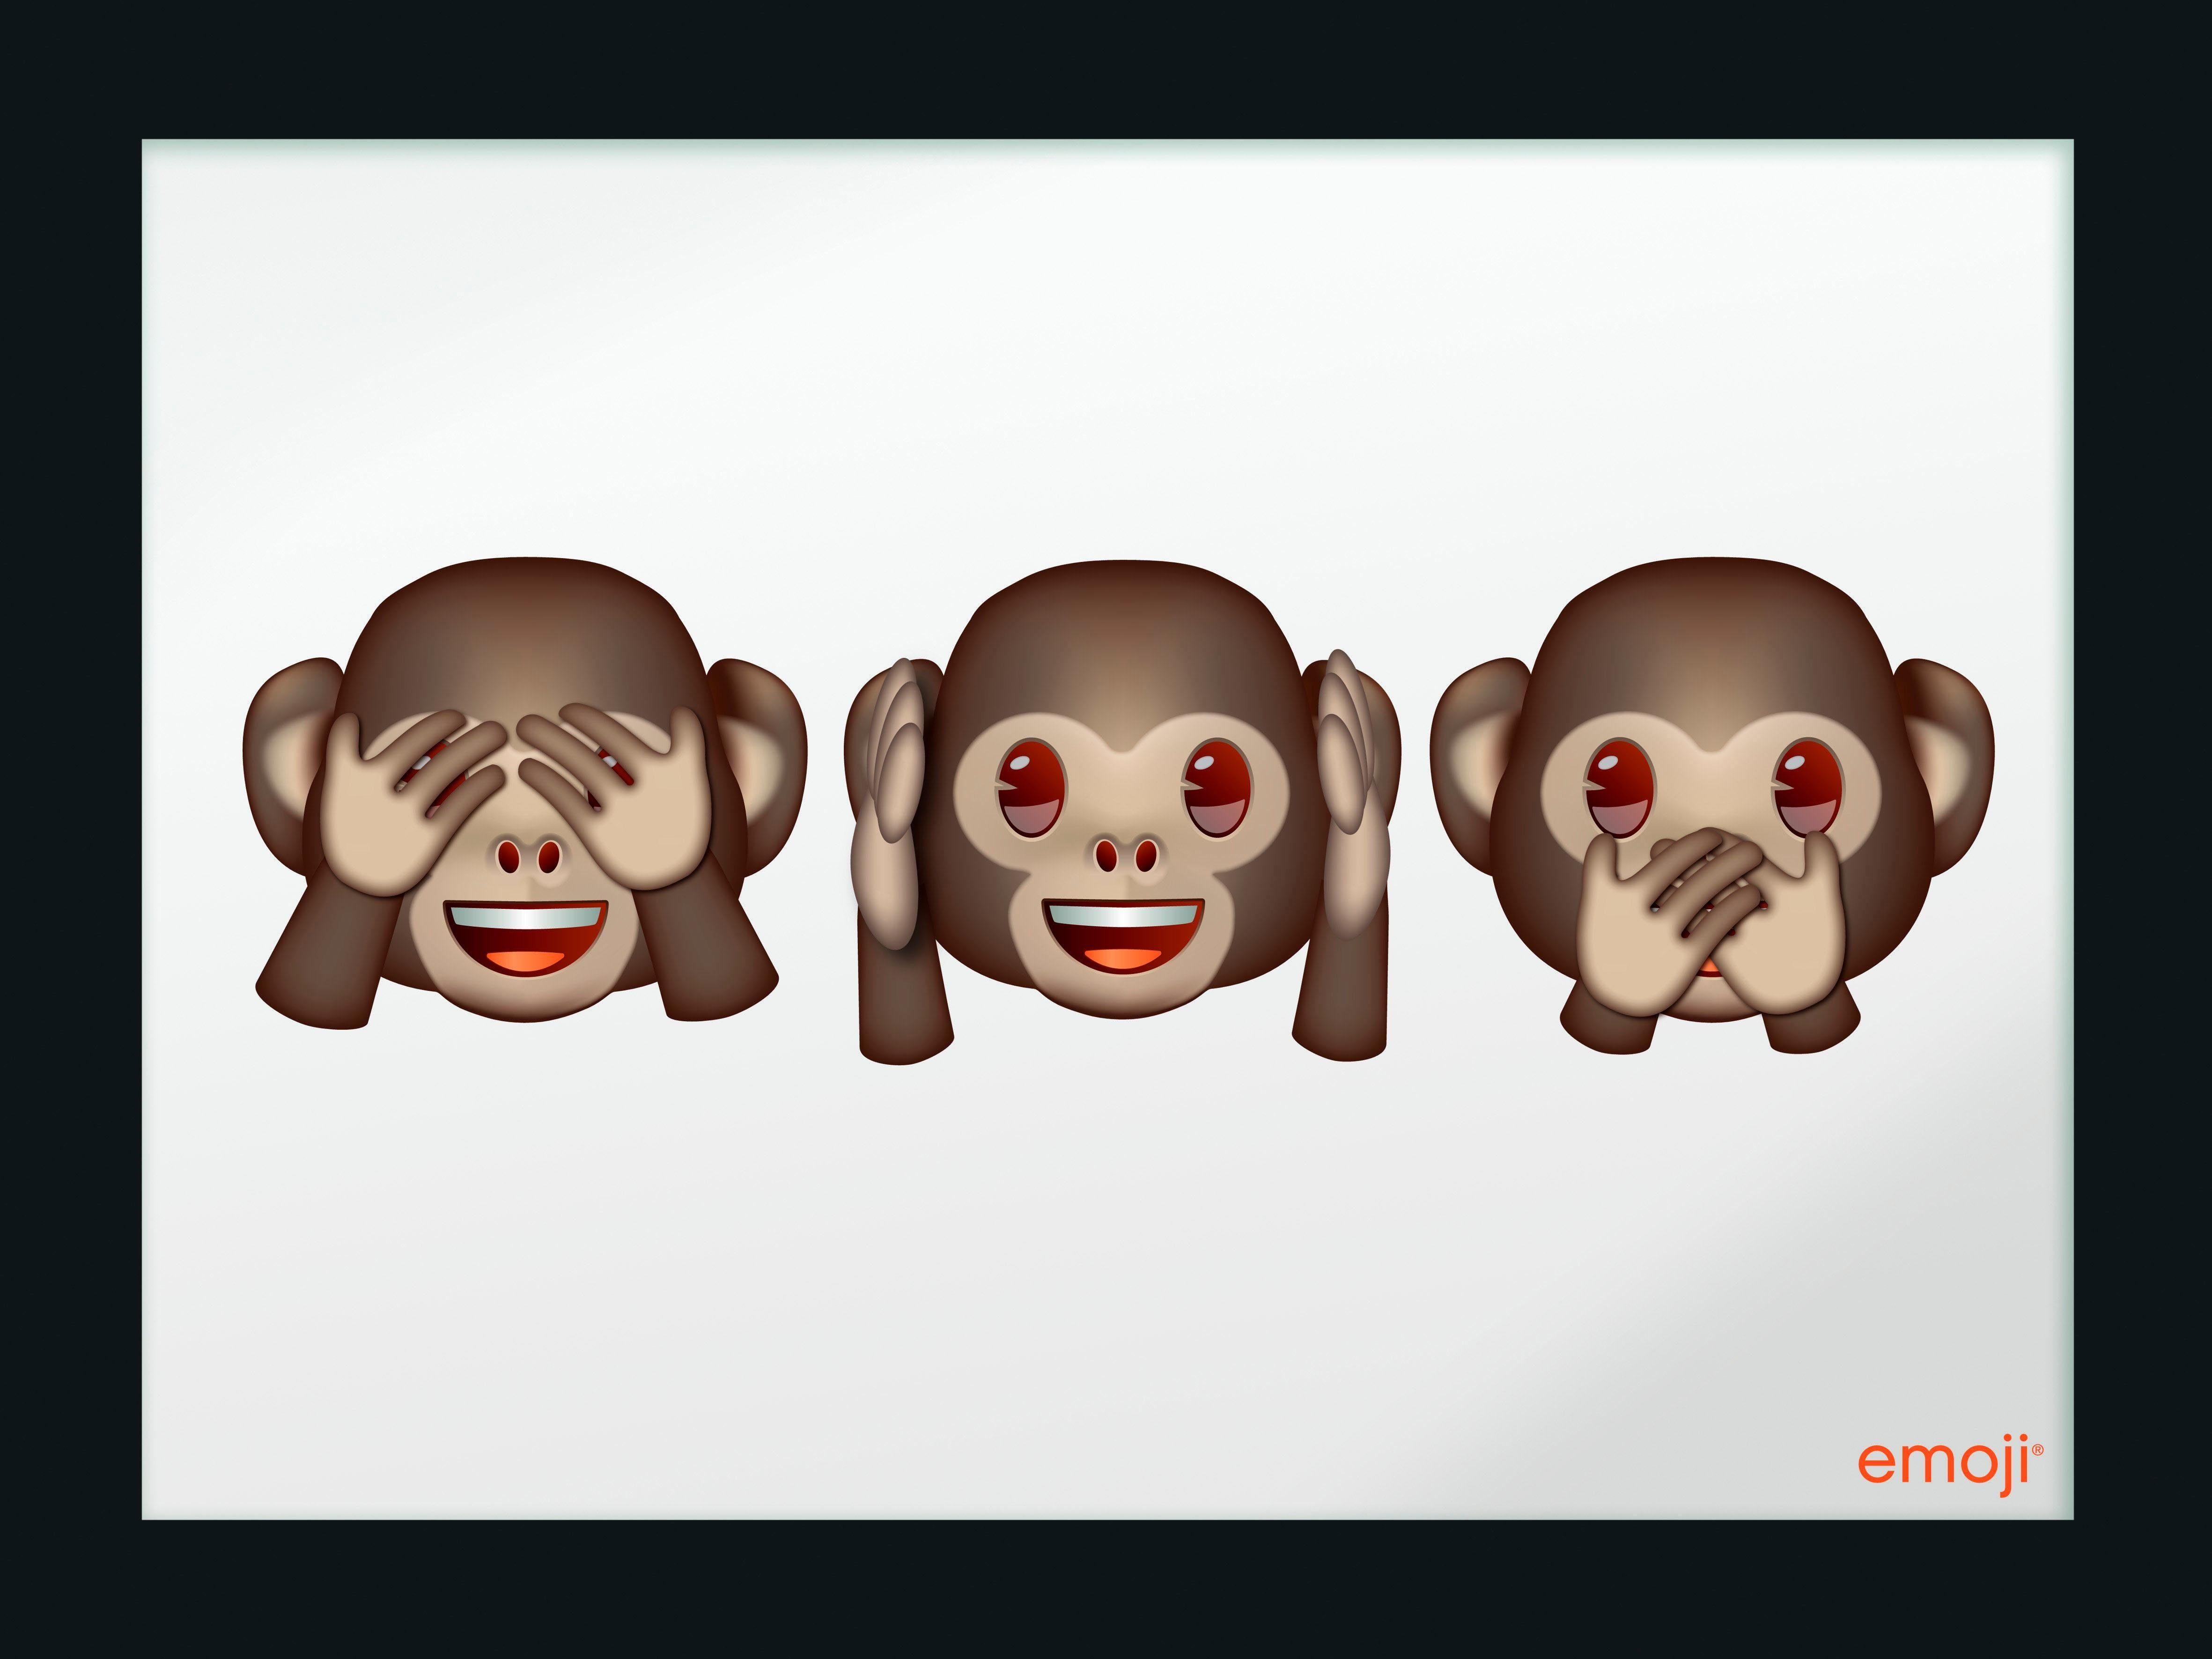 Spiegelbilder gerahmt »emoji - Three Monkeys« 40/30 cm